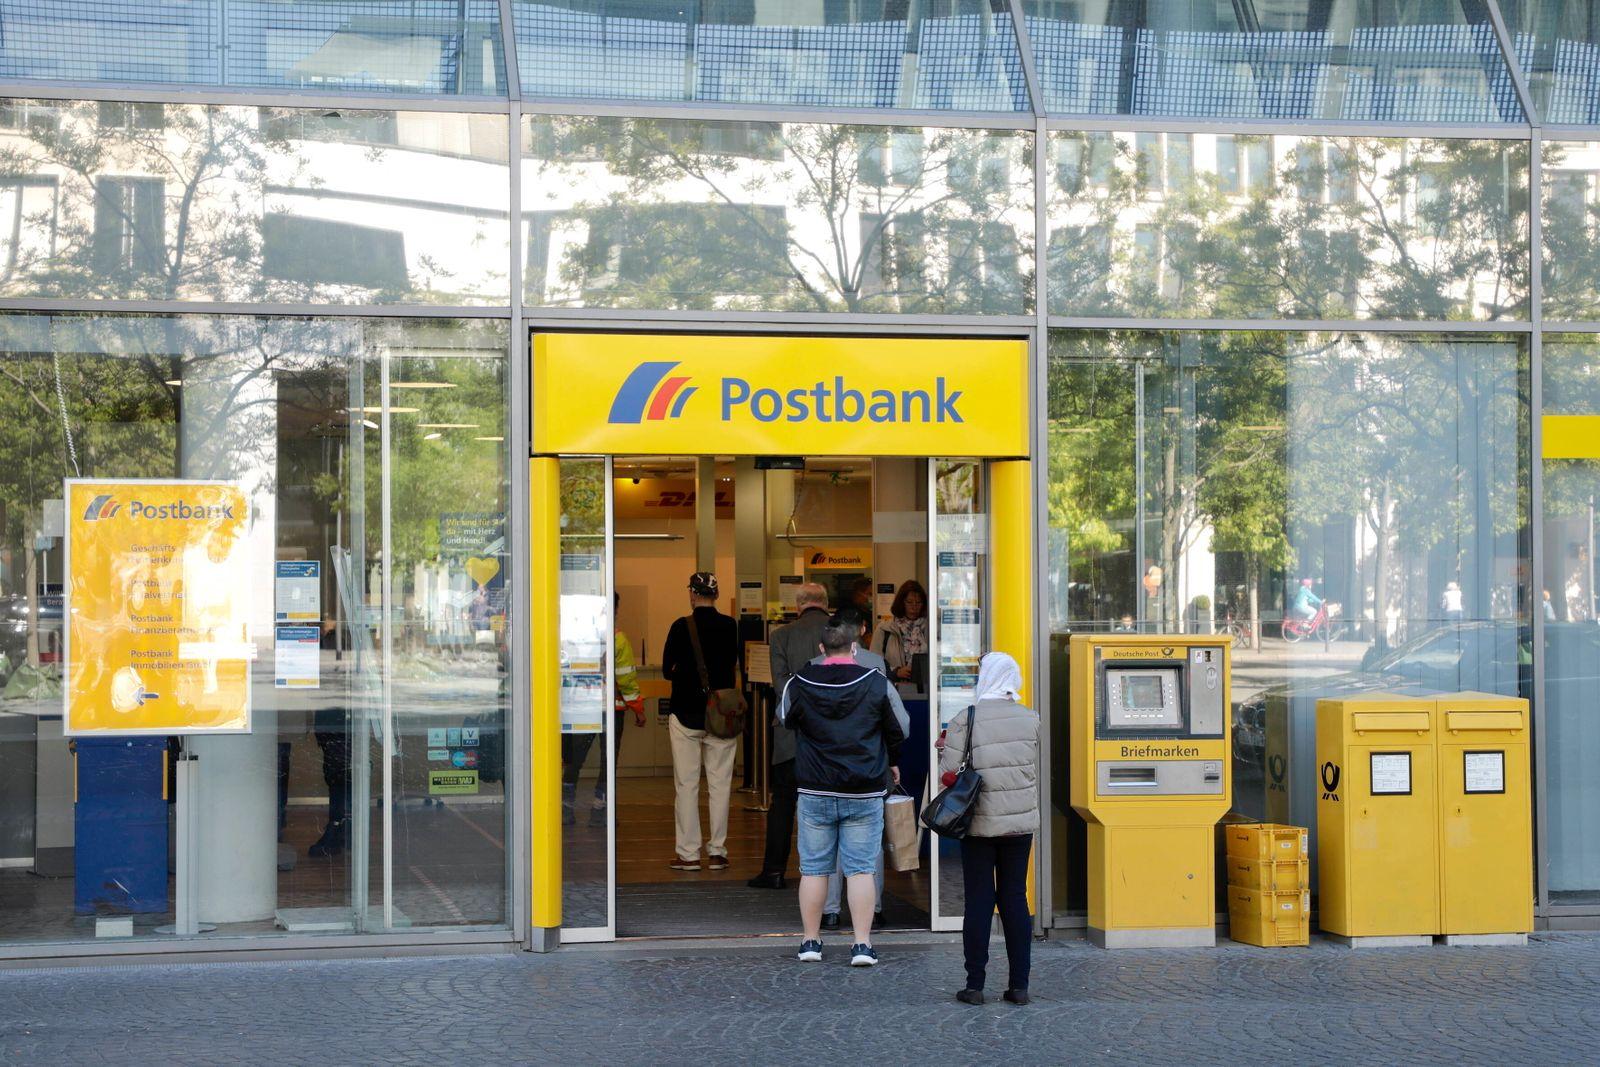 06.05.2020, Frankfurt am Main, Deutschland - Corona-Krise. Foto: Passanten mit Mundschutz stehen mit Mindestabstand in